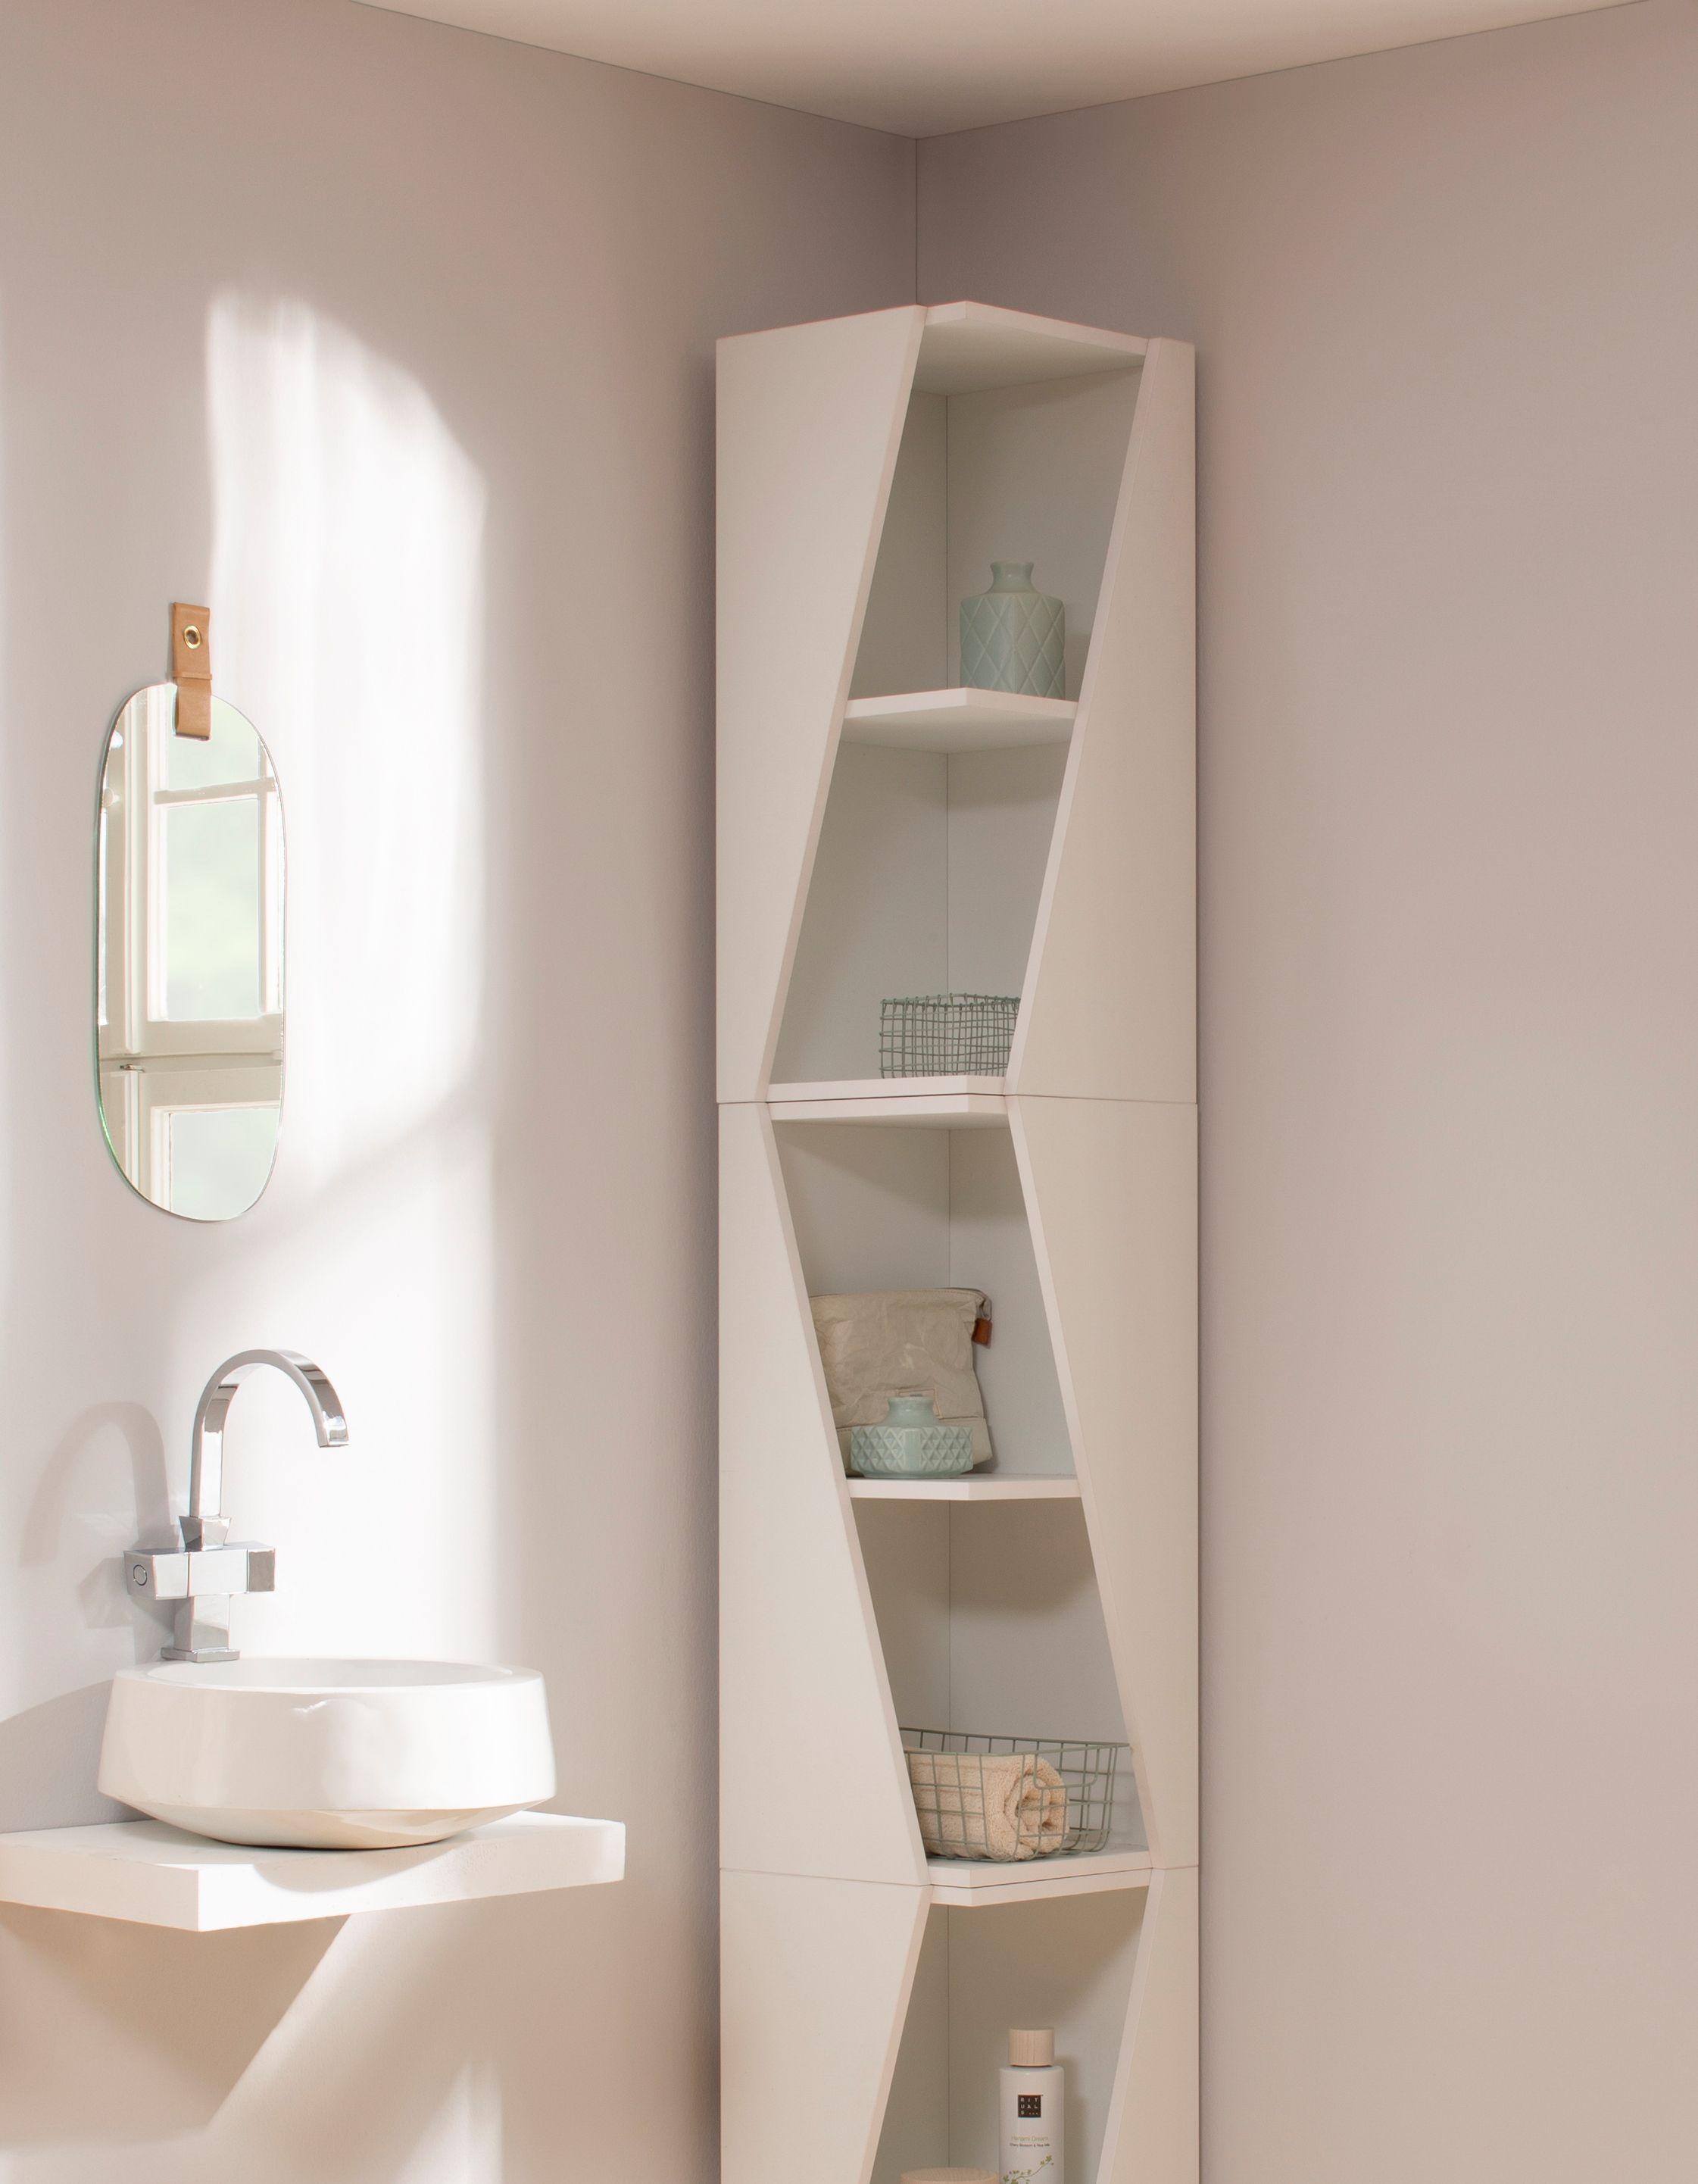 Eckregal fürs Bad und anderswo - klein, schlicht, schick und passt